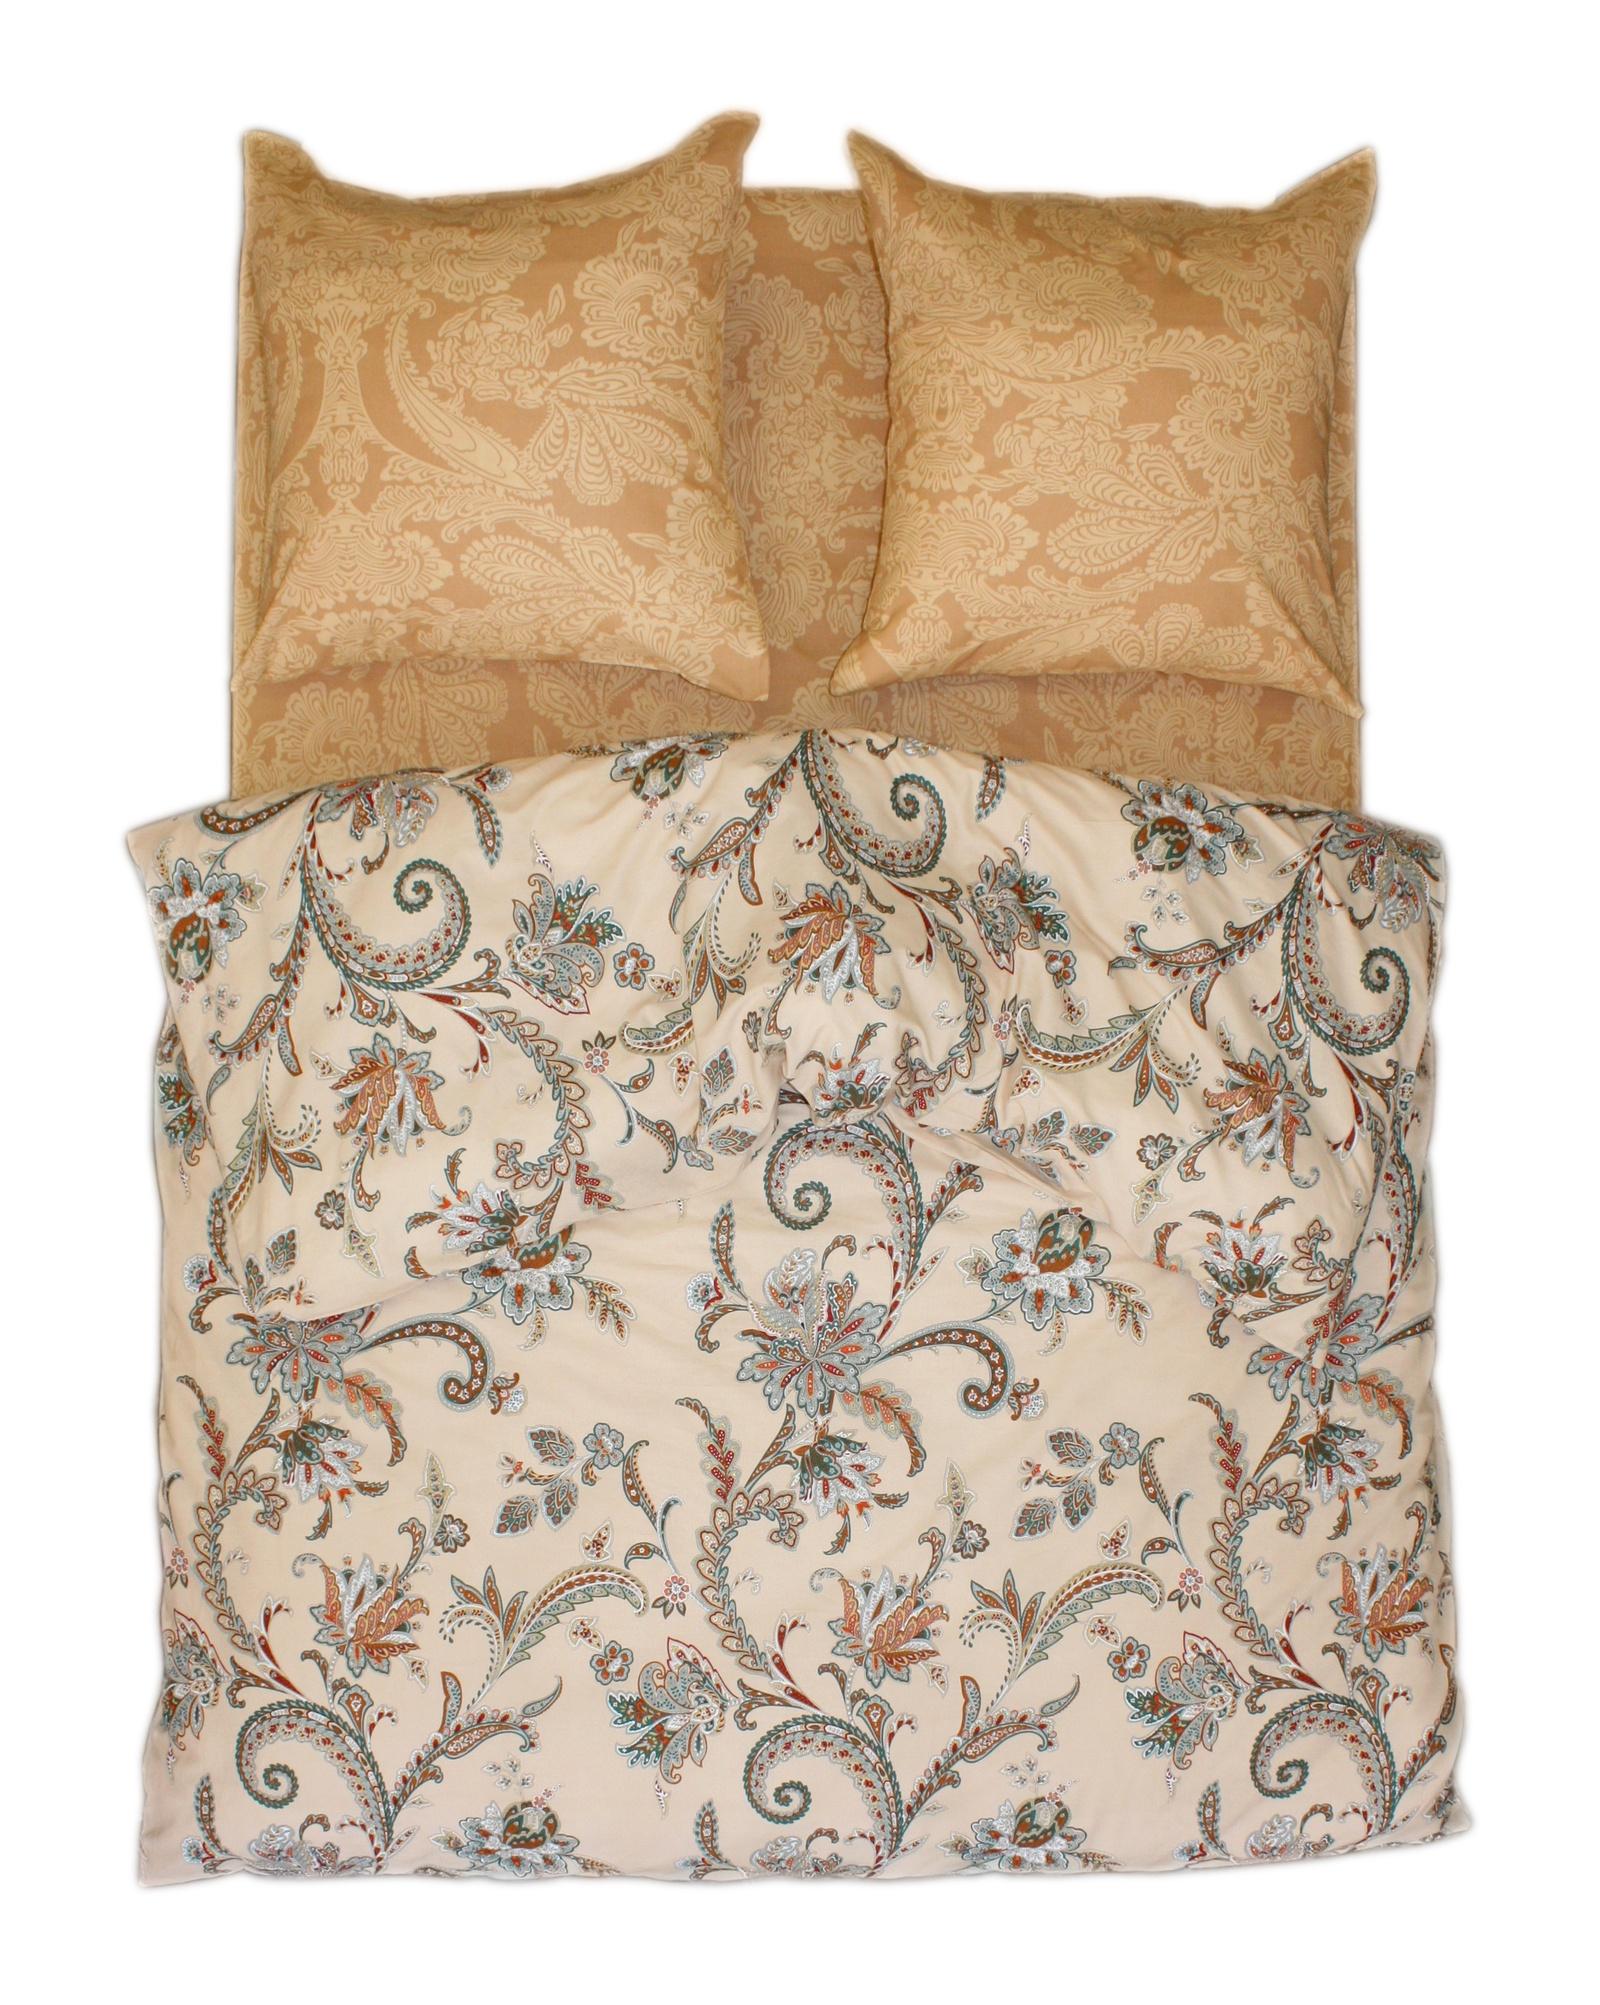 """Комплект постельного белья BegAl, ВТ003-И0281, бежевый, коричневый, зеленый, евроВТ003-И0281Постельное белье из поплина отличает мягкость и высокая плотность переплетения. Ткань практичная, износостойкая, мягкая и приятная на ощупь. Комплект сшит из натуральной ткани, 100% хлопкок. Постельное белье под маркой """"BegAl"""" цельнокроенное, простыни и пододеяльники не имеют шва центру. Пододеяльник с длинной молнией внизу для удобства вдевания в него одеяла. Комплект постельного белья из поплина идеально сочетает в себе практичность и комфорт."""